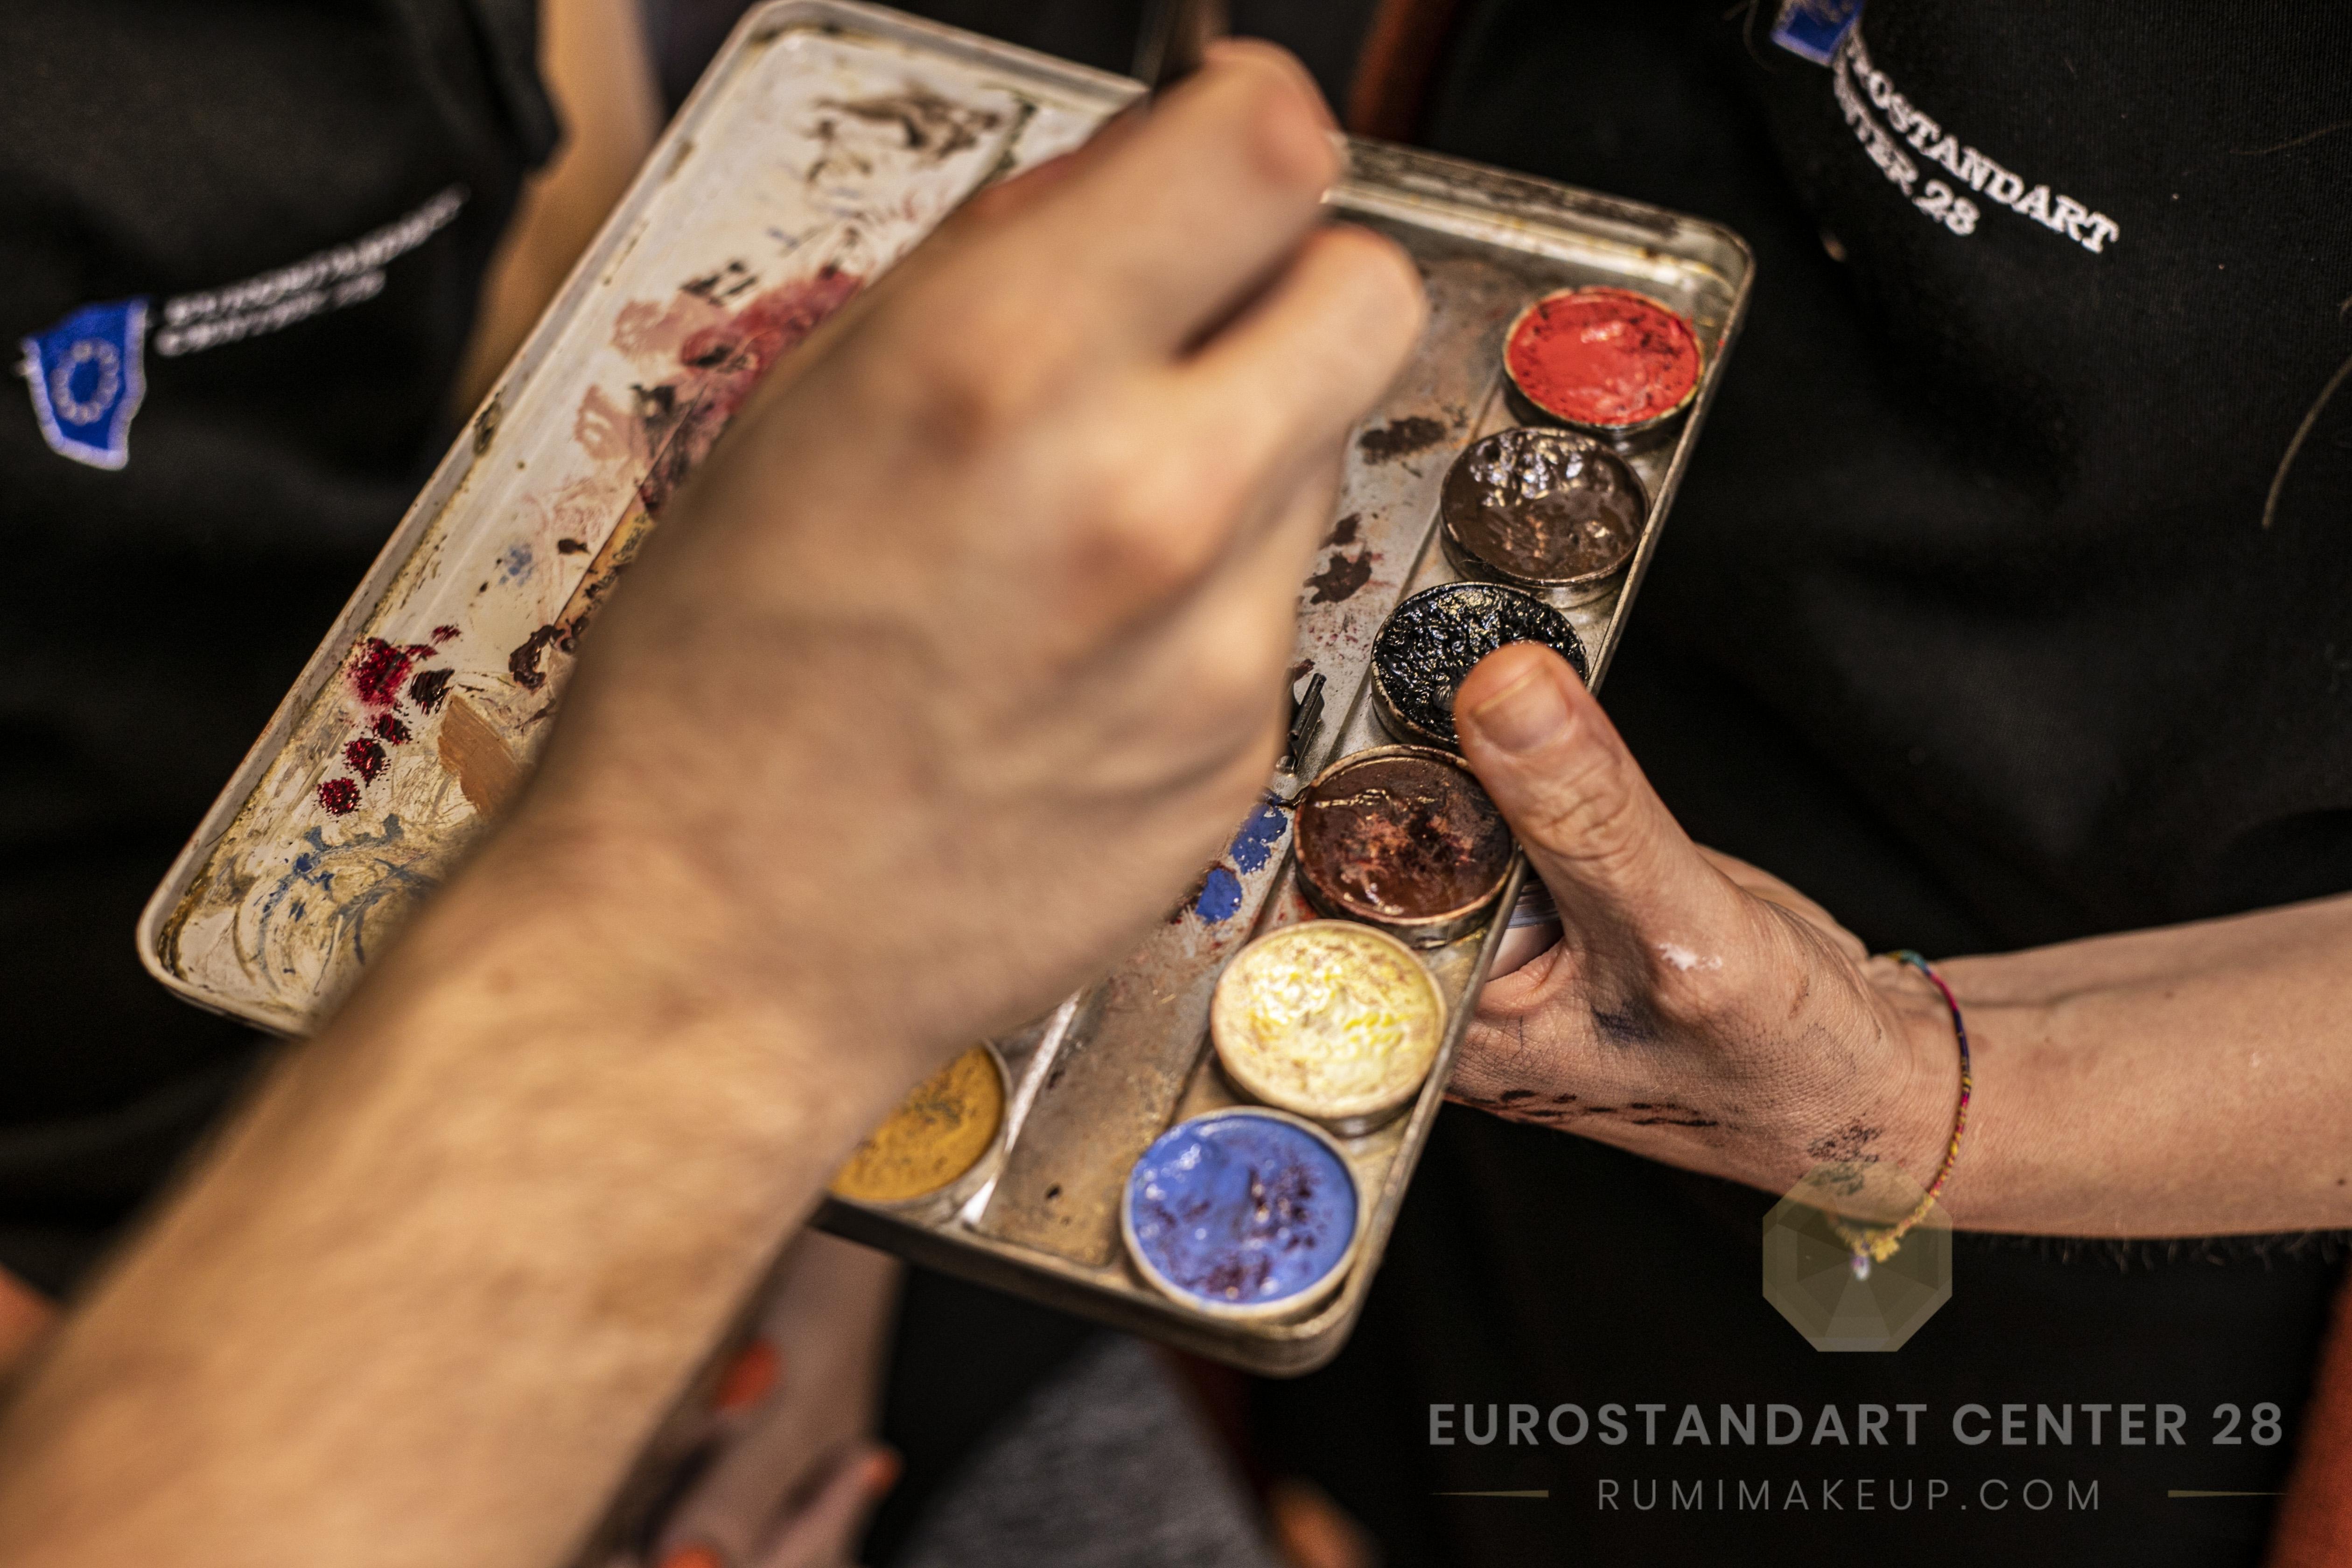 Kurs_po_grim_sfx_eurostandartcenter_66